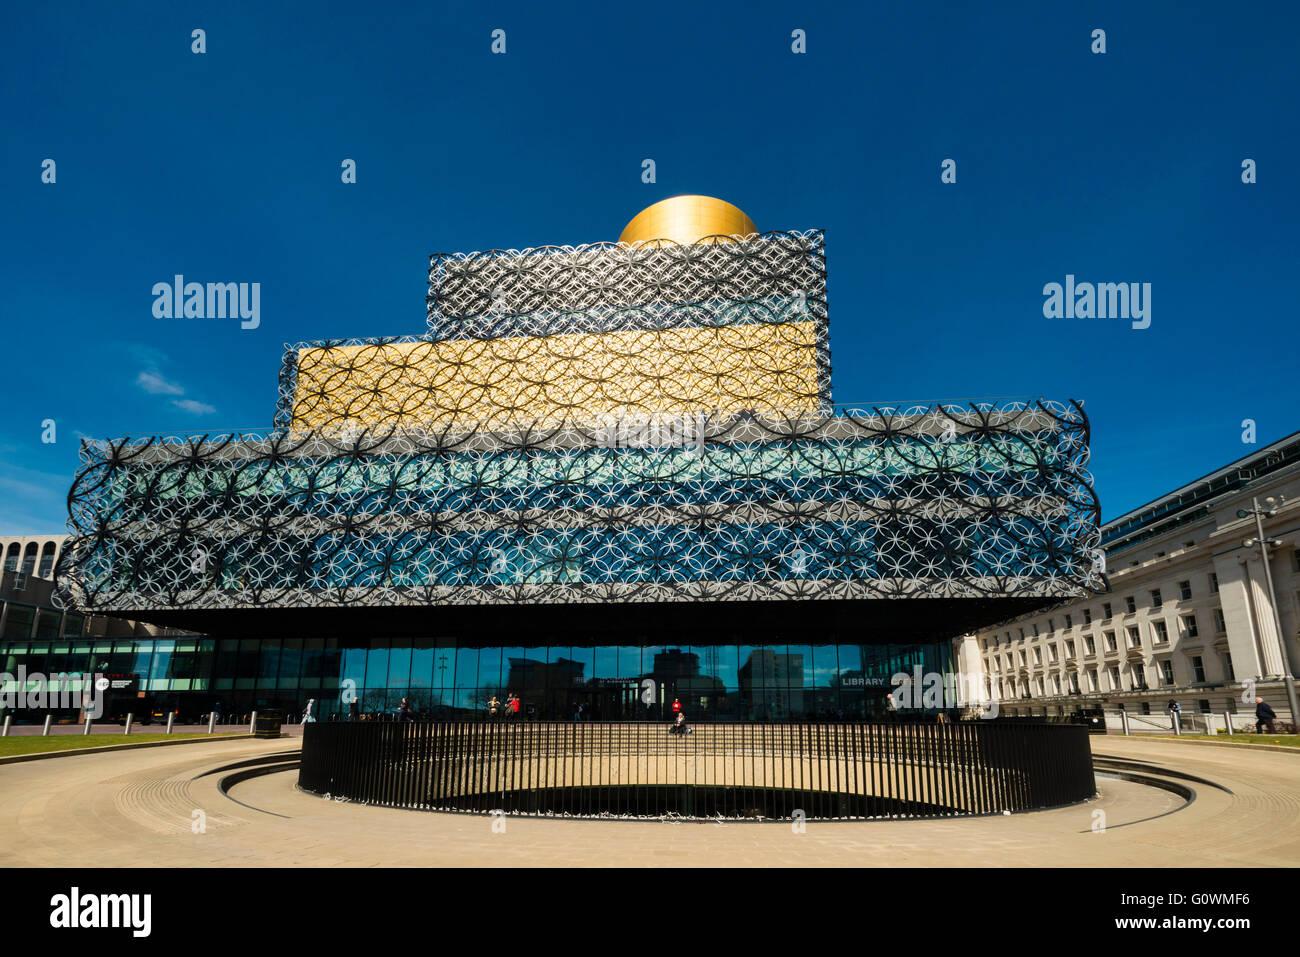 Bibliothek-Birmingham, UK. Stockbild